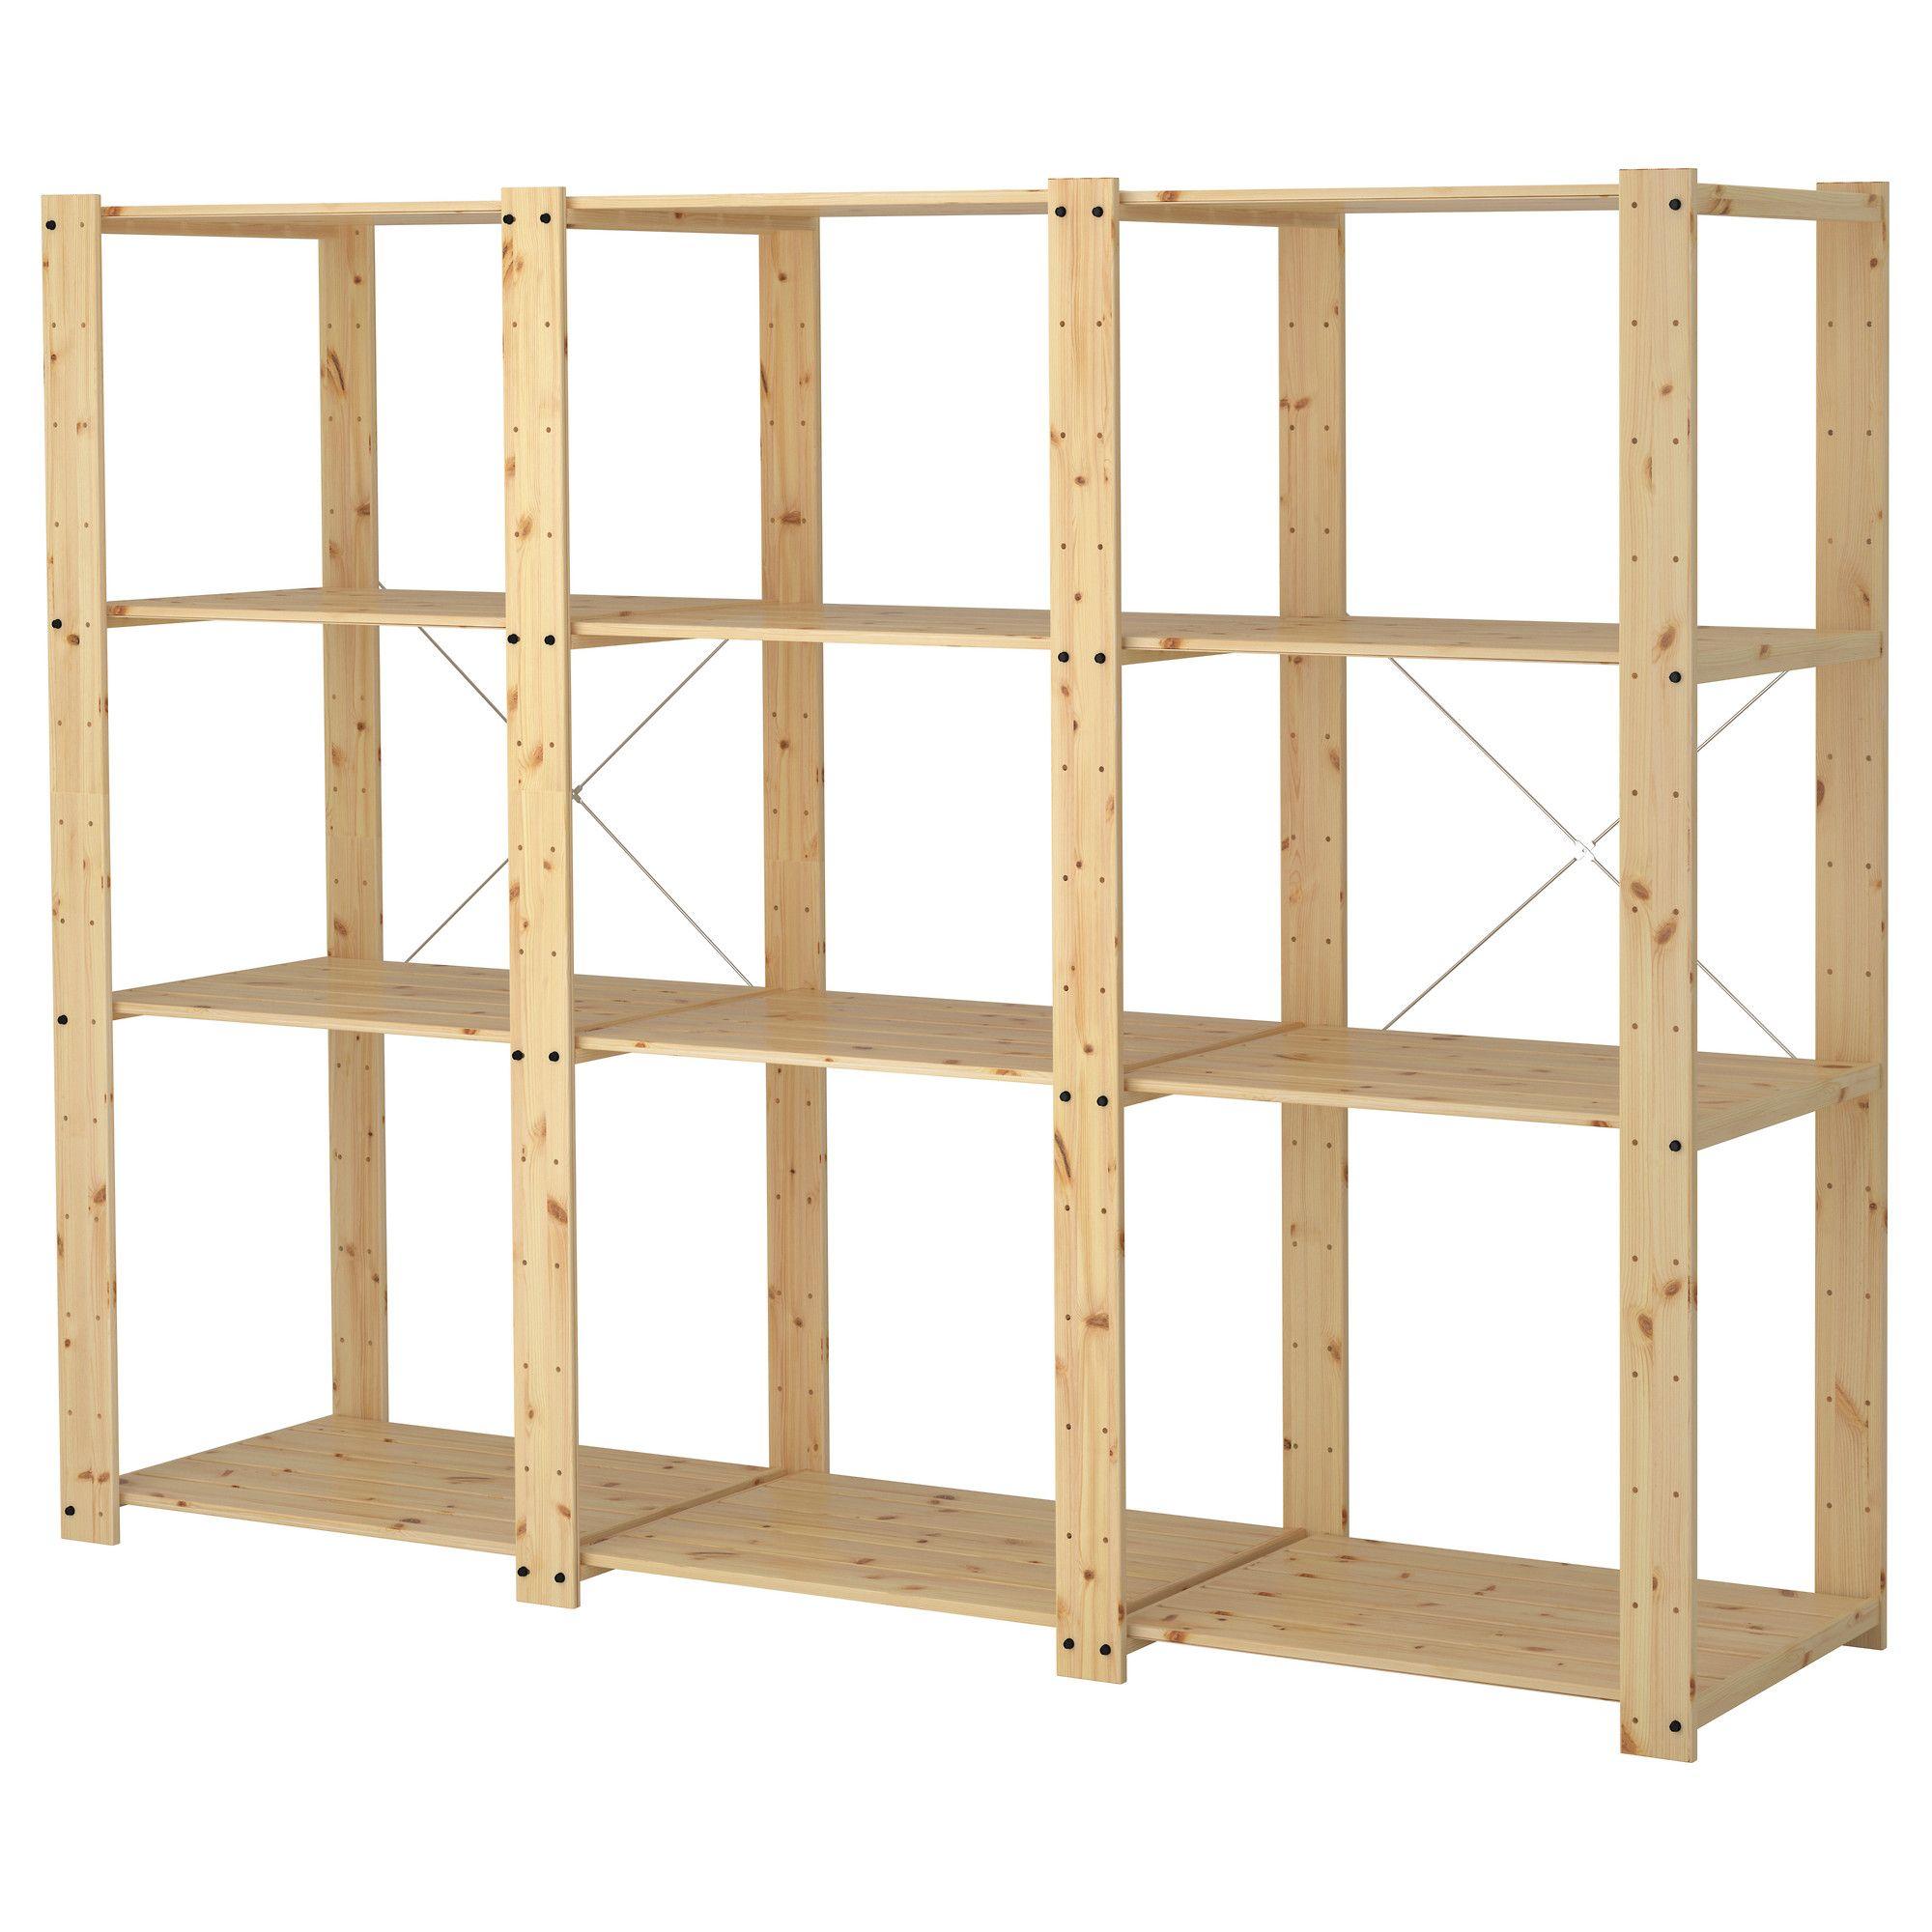 Pin On Garage Storage Shelves: Möbler, Inredning Och Inspiration